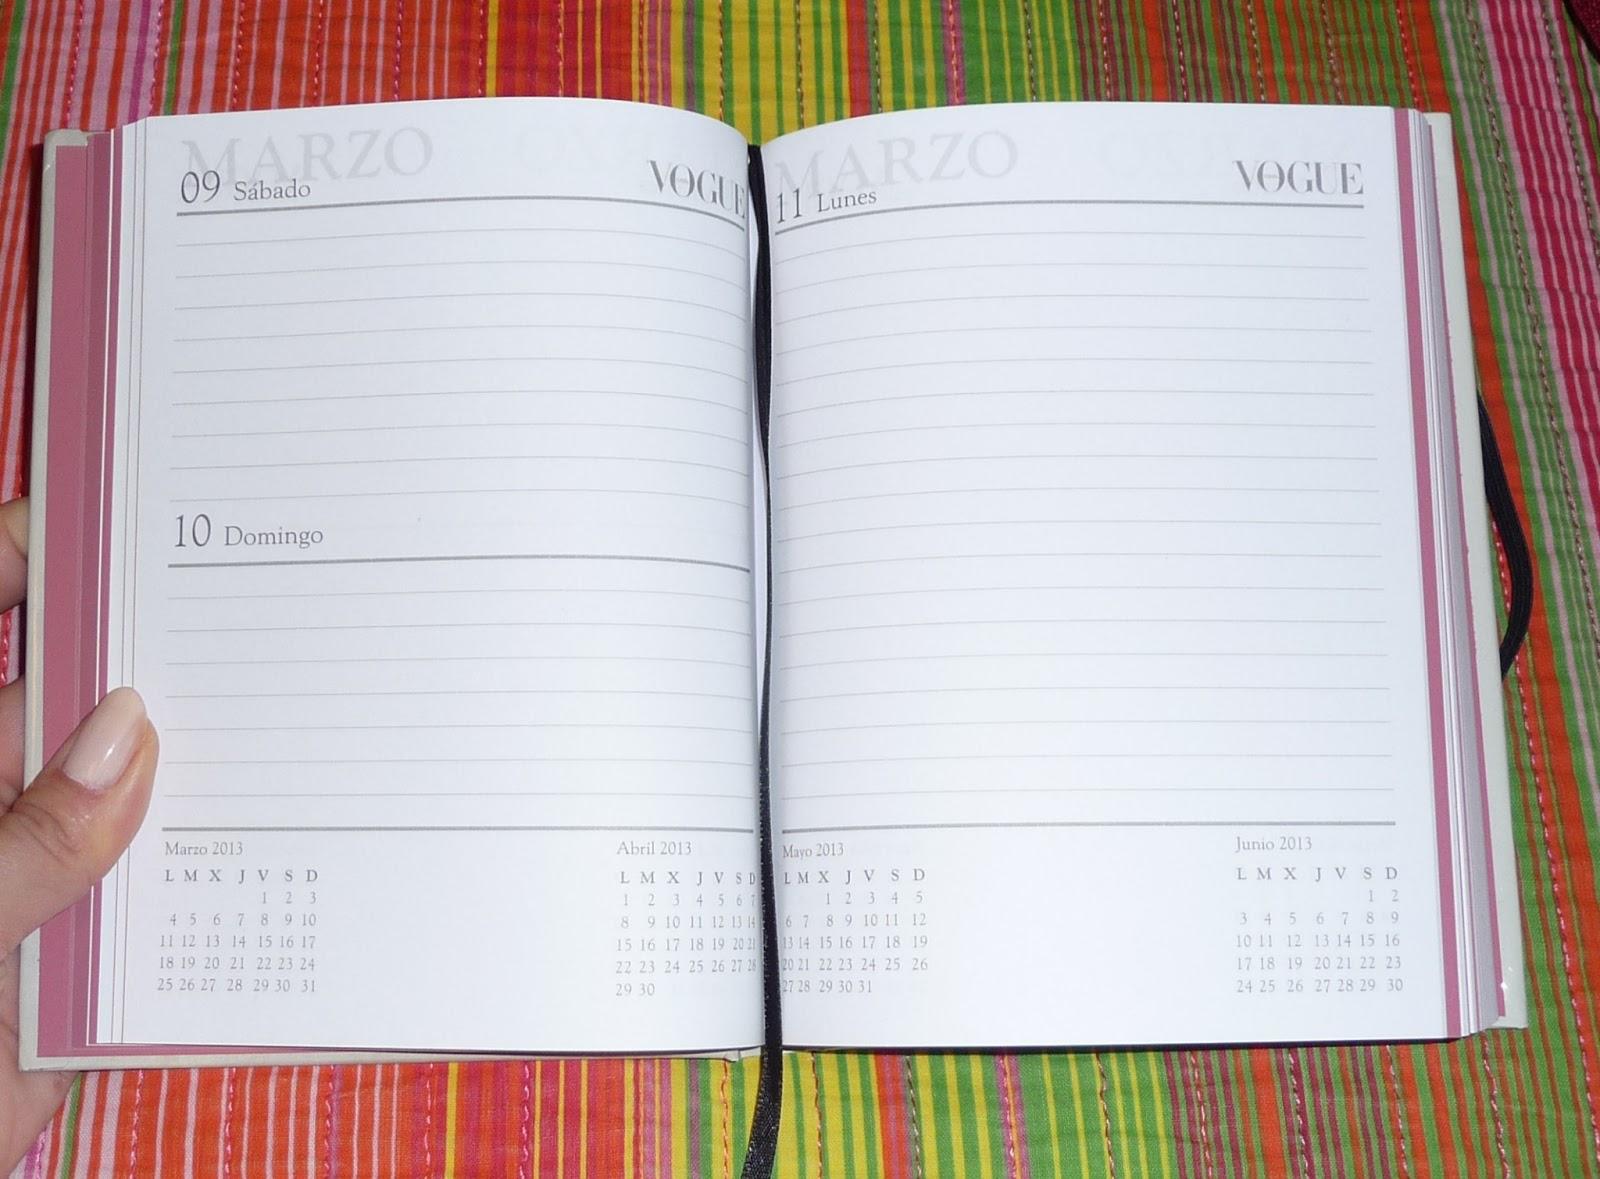 Envuelta en crema: Agenda Vogue 2013 por dentro (una ...